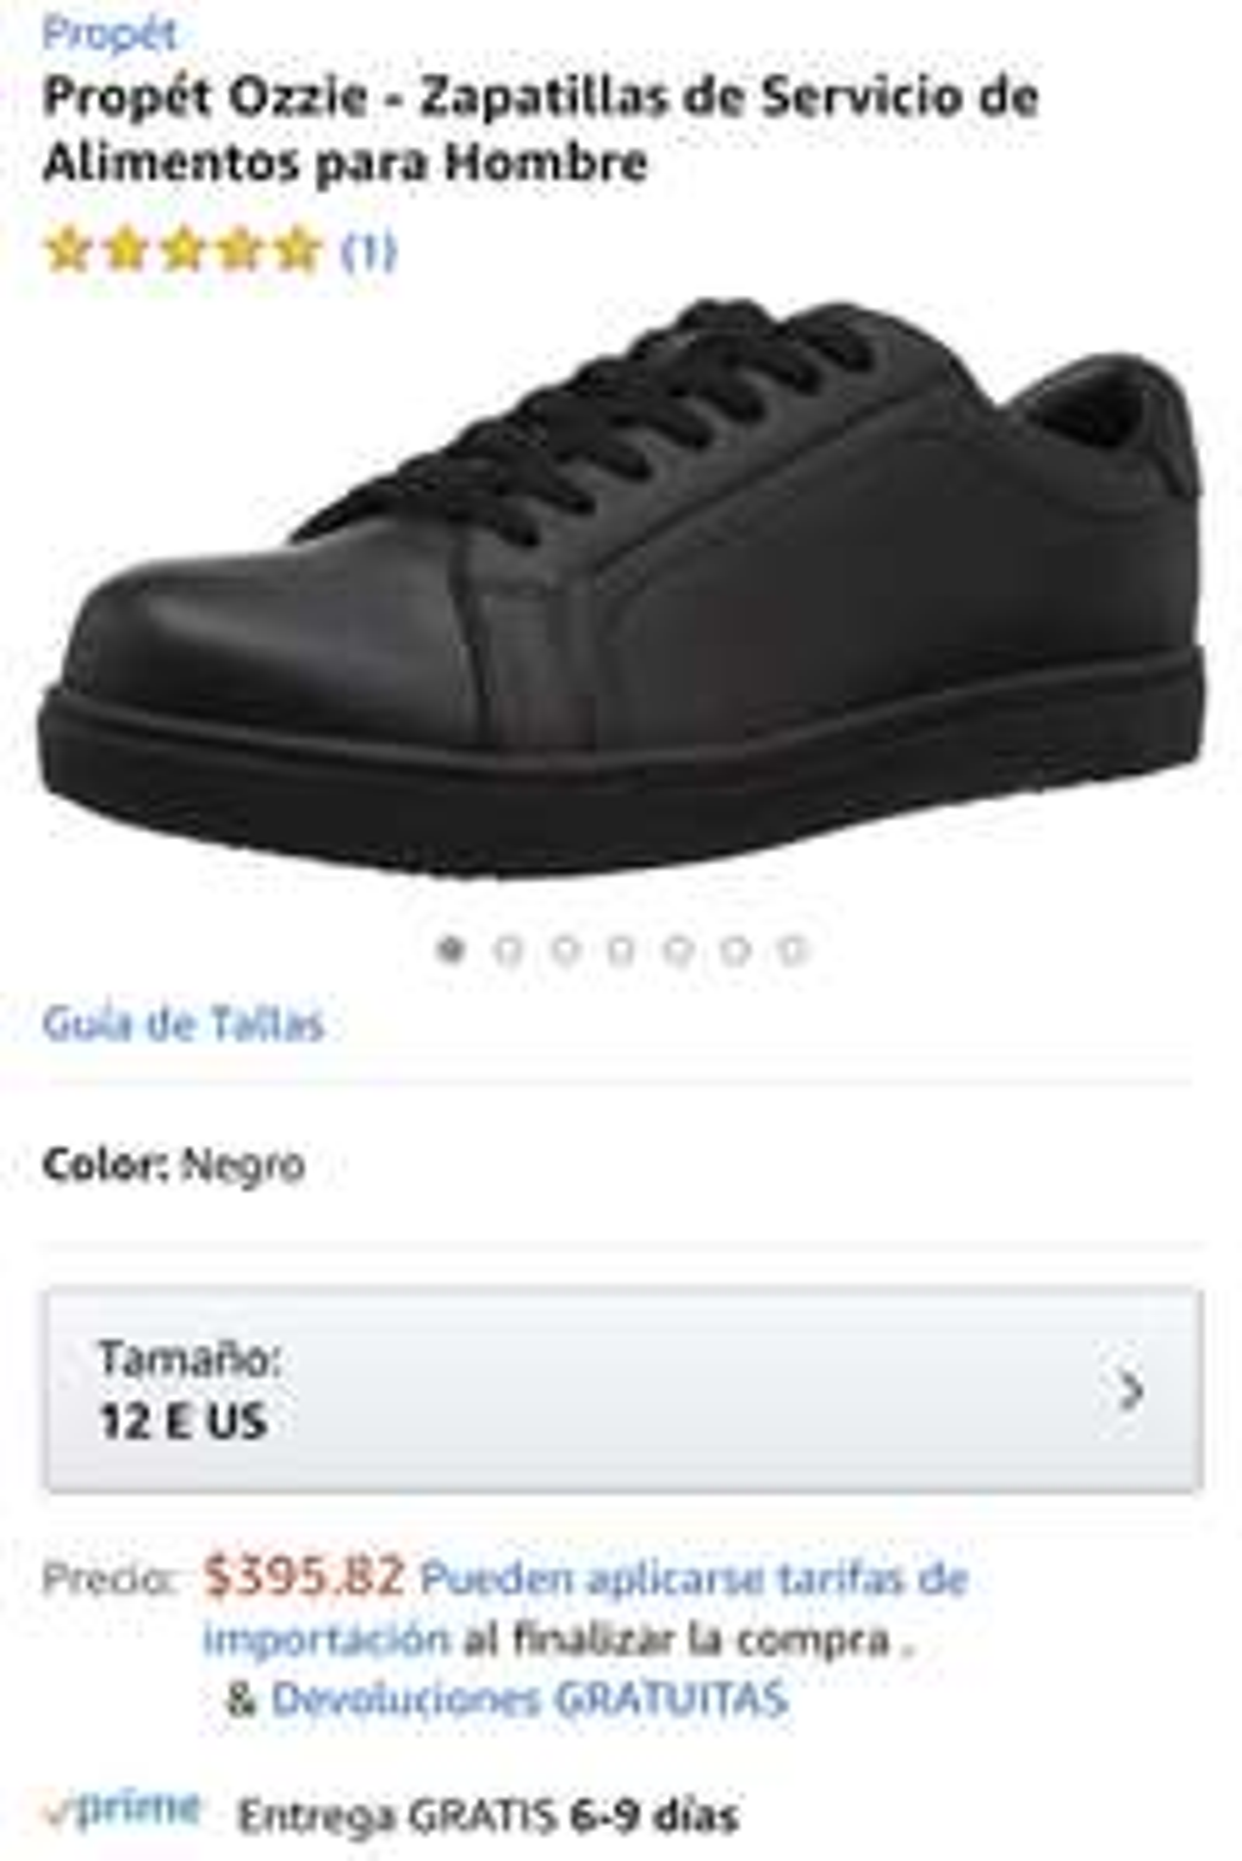 Cuero Zapatos Propét Marca 10 Amazon De Mexicano Talla 8FwqABHx